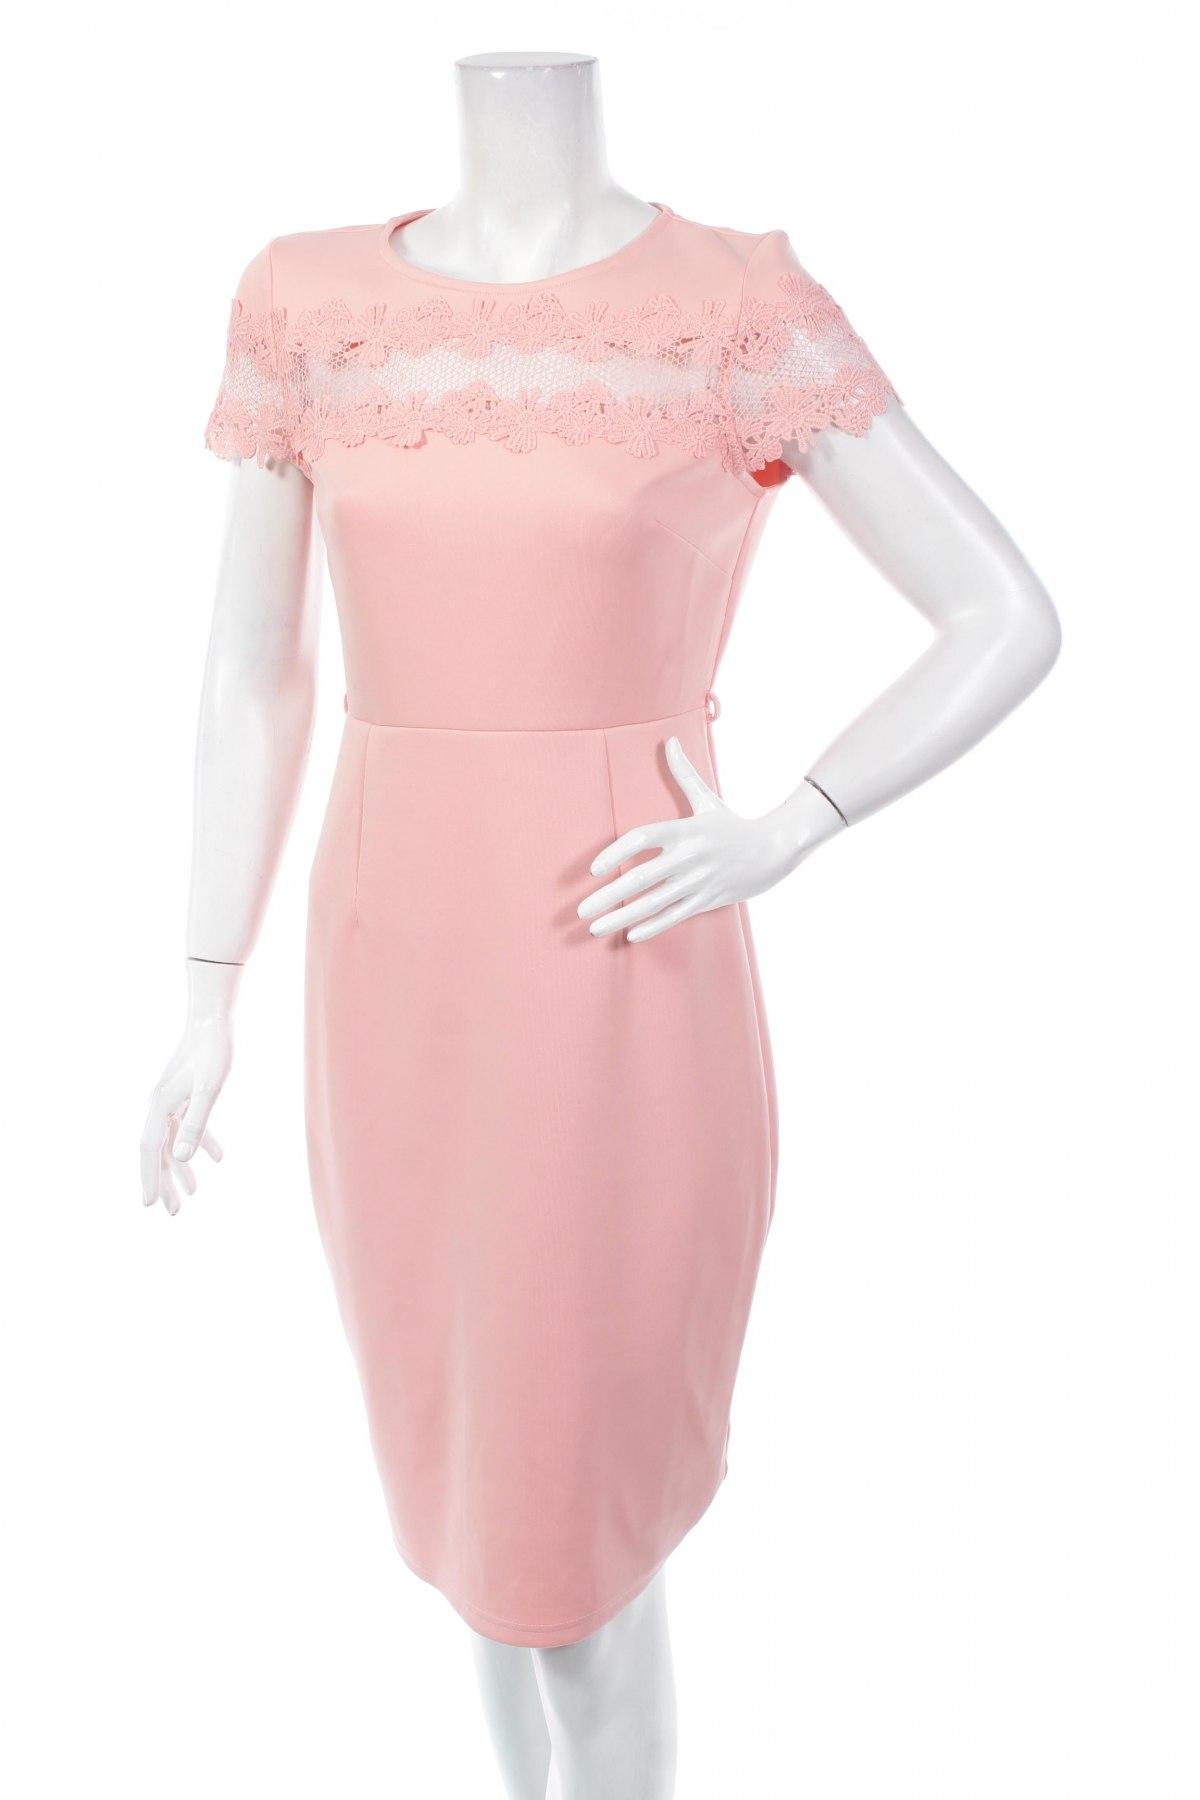 deedc51730b5 Φόρεμα Dorothy Perkins - σε συμφέρουσα τιμή στο Remix -  101444030